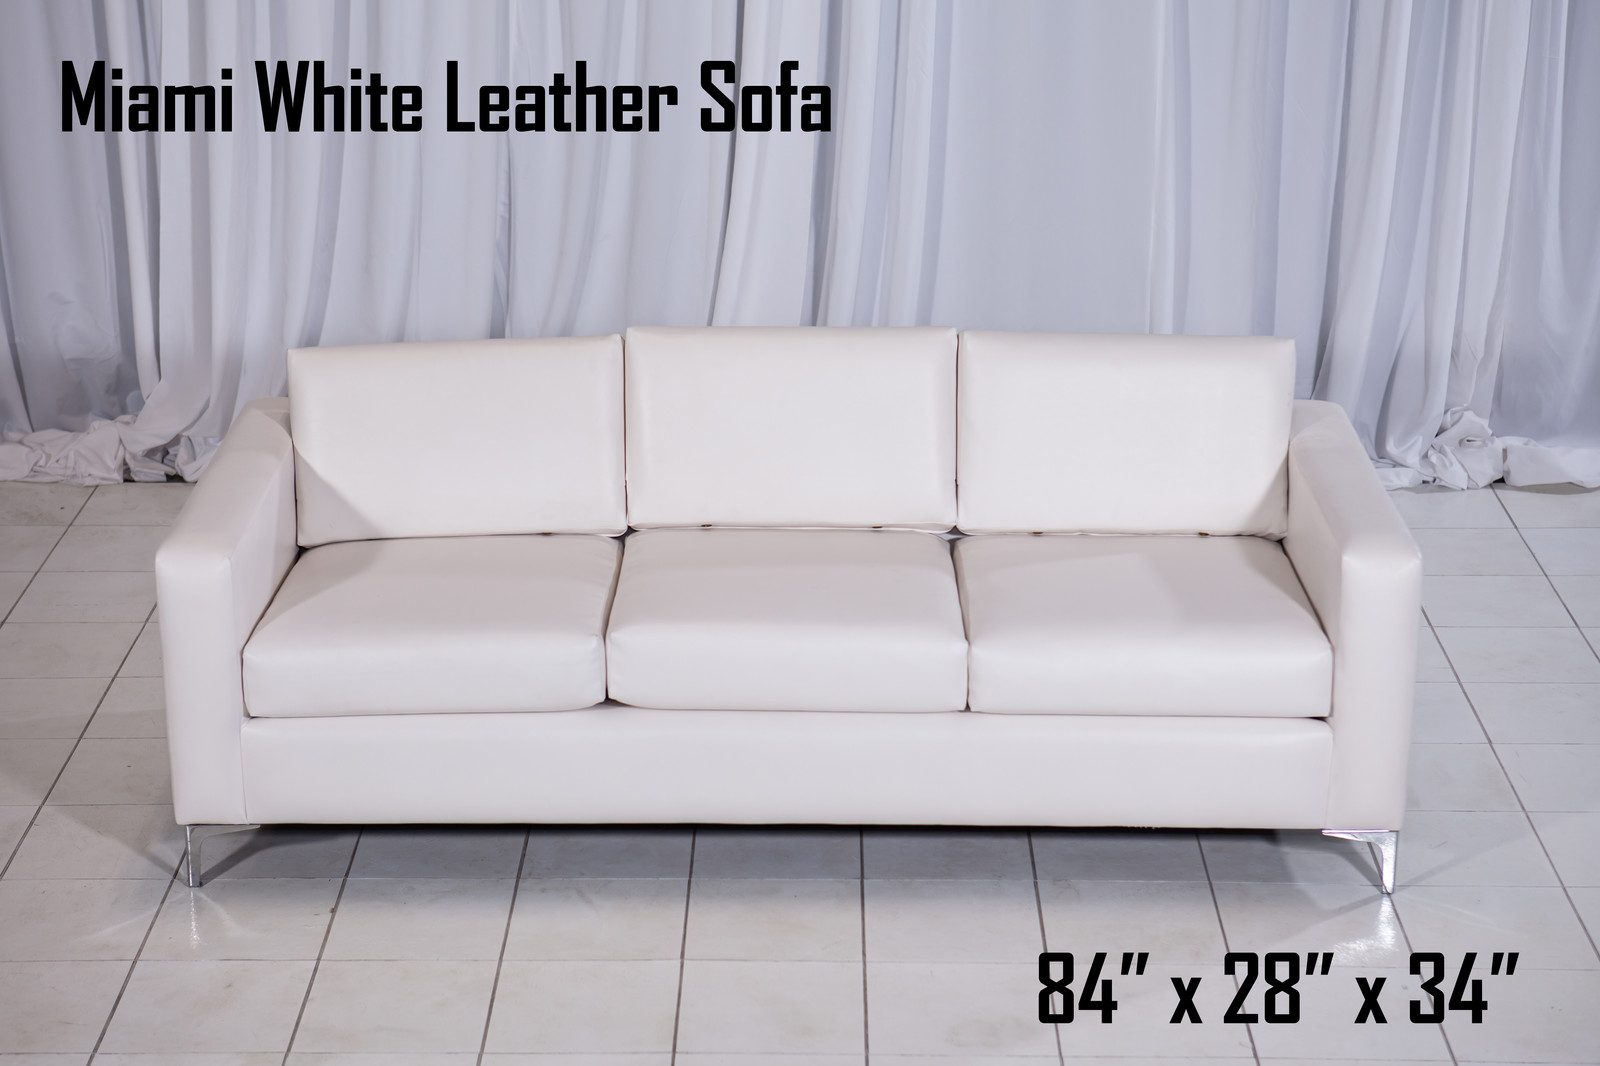 Miami White Leather Sofa